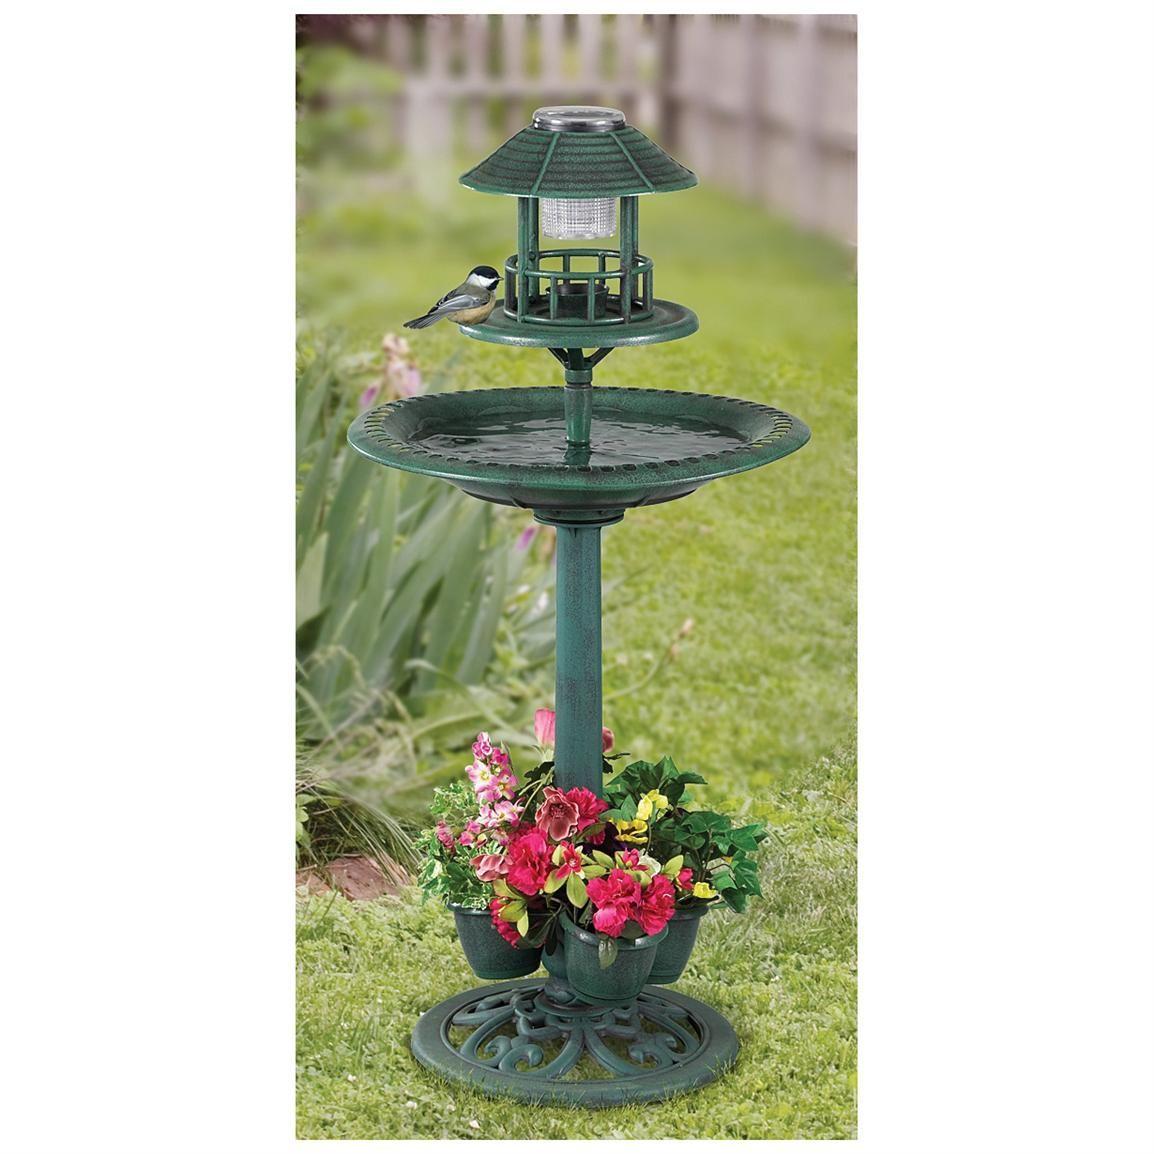 castlecreek 4 in 1 bird bath with feeder planter u0026 solar led